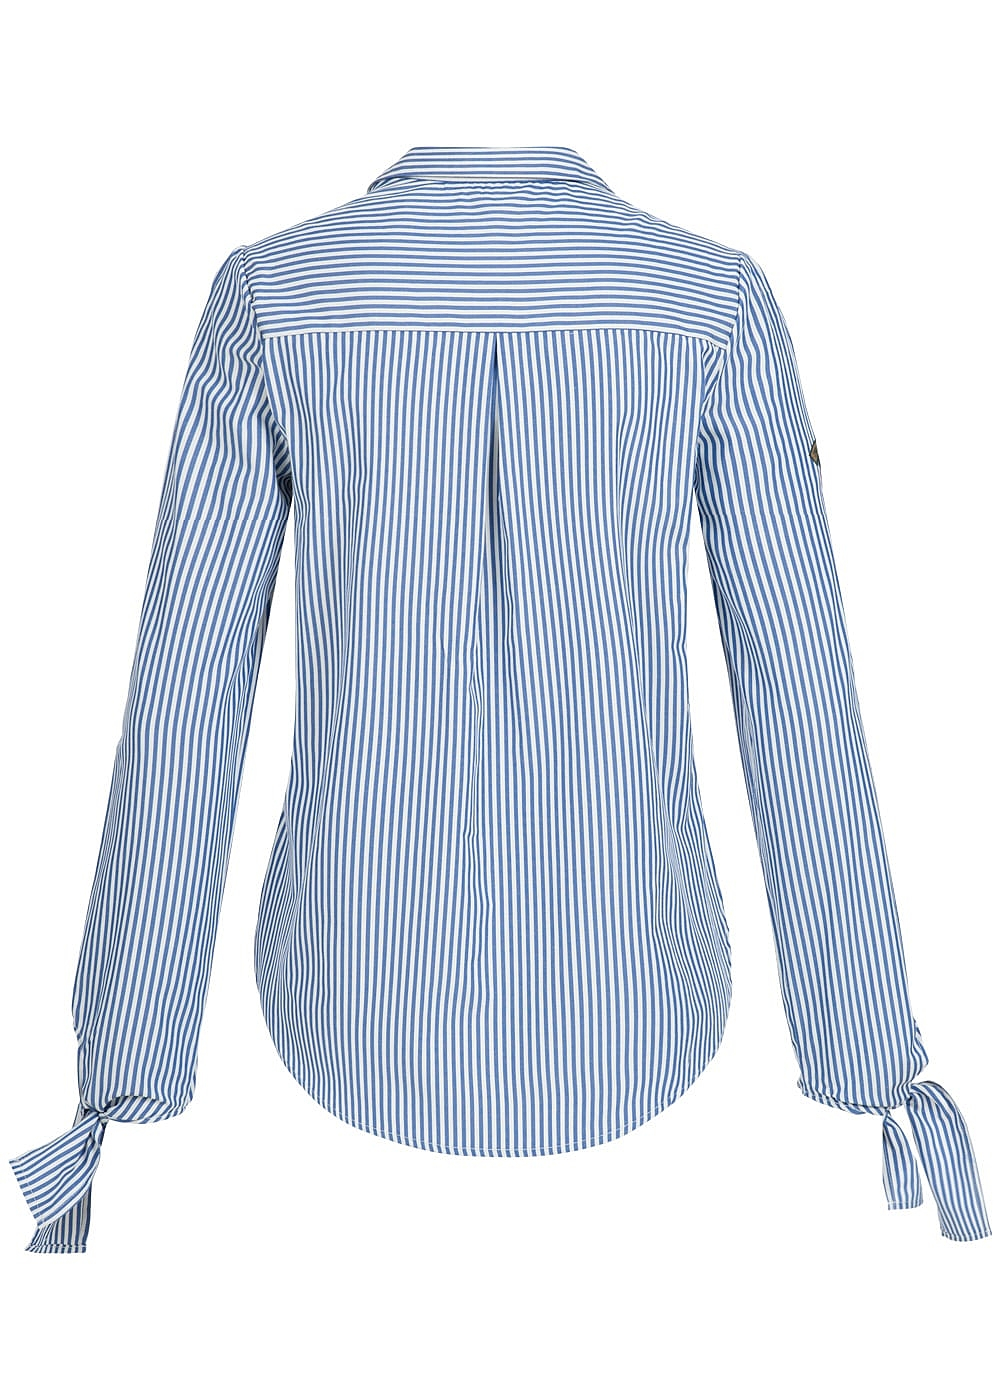 hailys damen bluse 3 4 rmel zum binden 2 brusttaschen. Black Bedroom Furniture Sets. Home Design Ideas